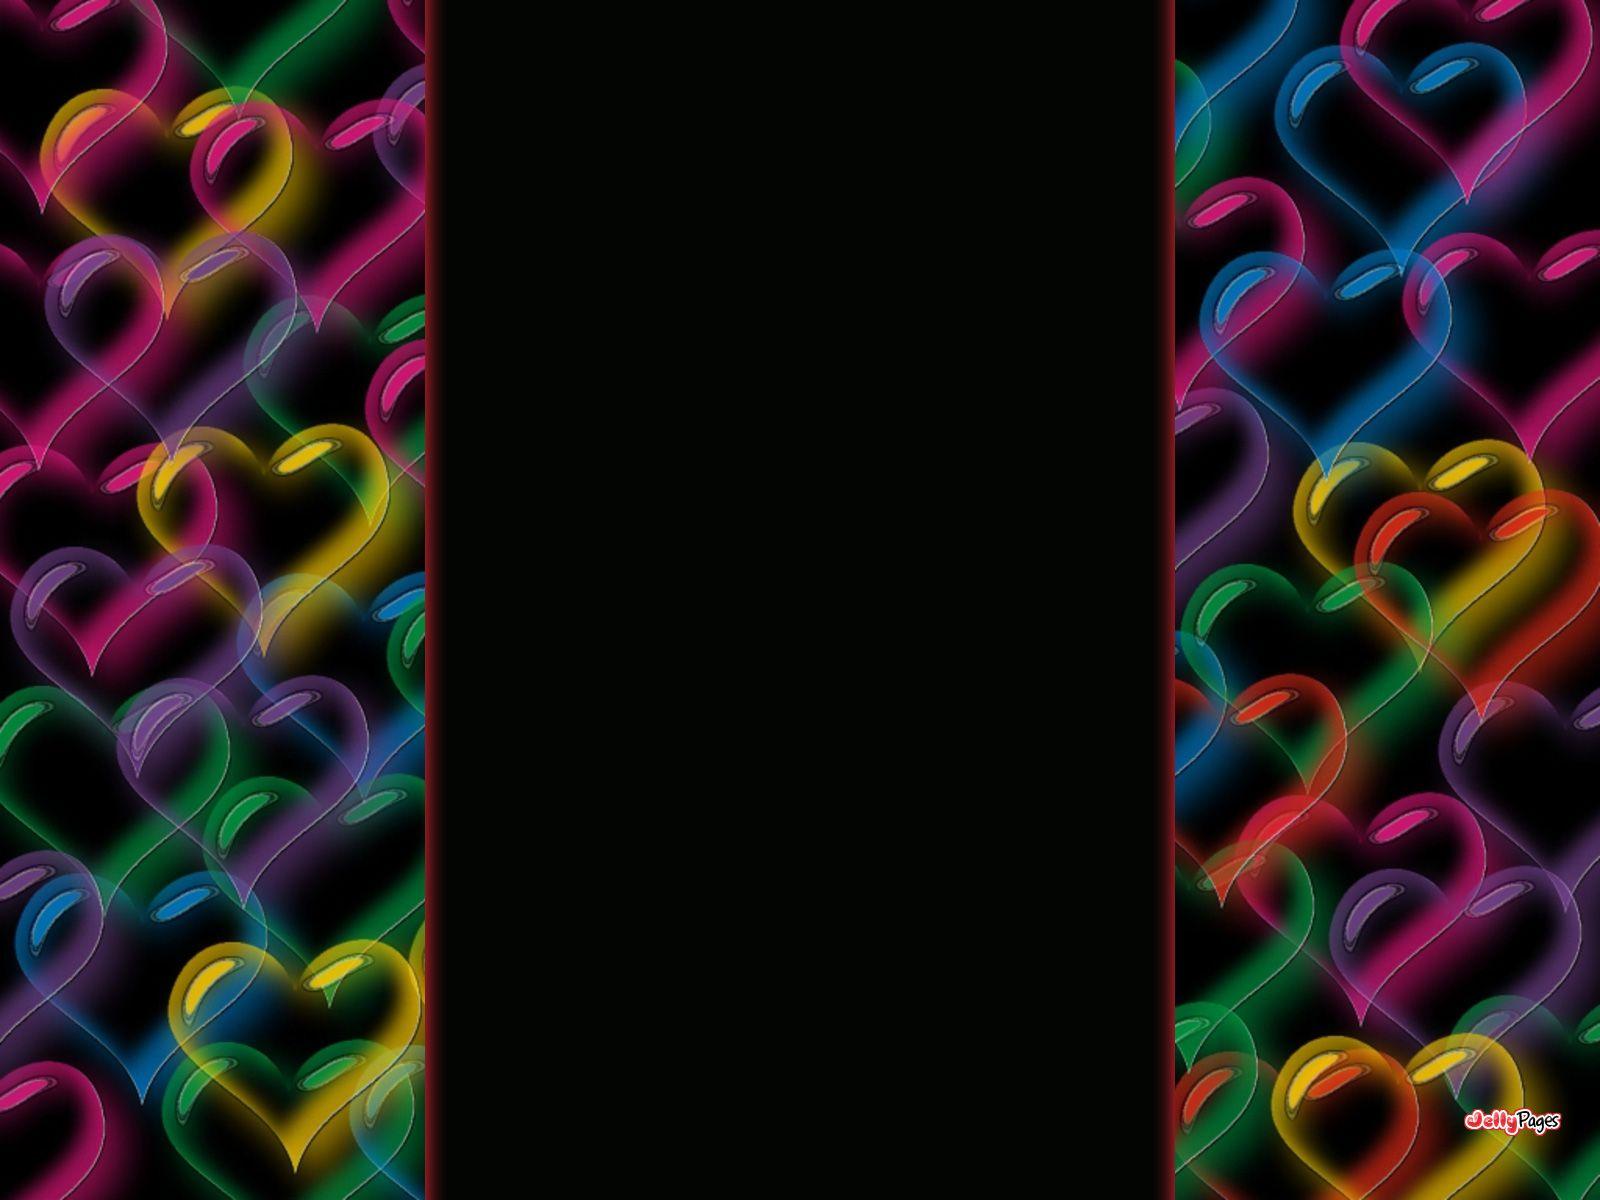 Tarjetas De Cumpleaños Neon En Hd Gratis Para Descargar 4 En